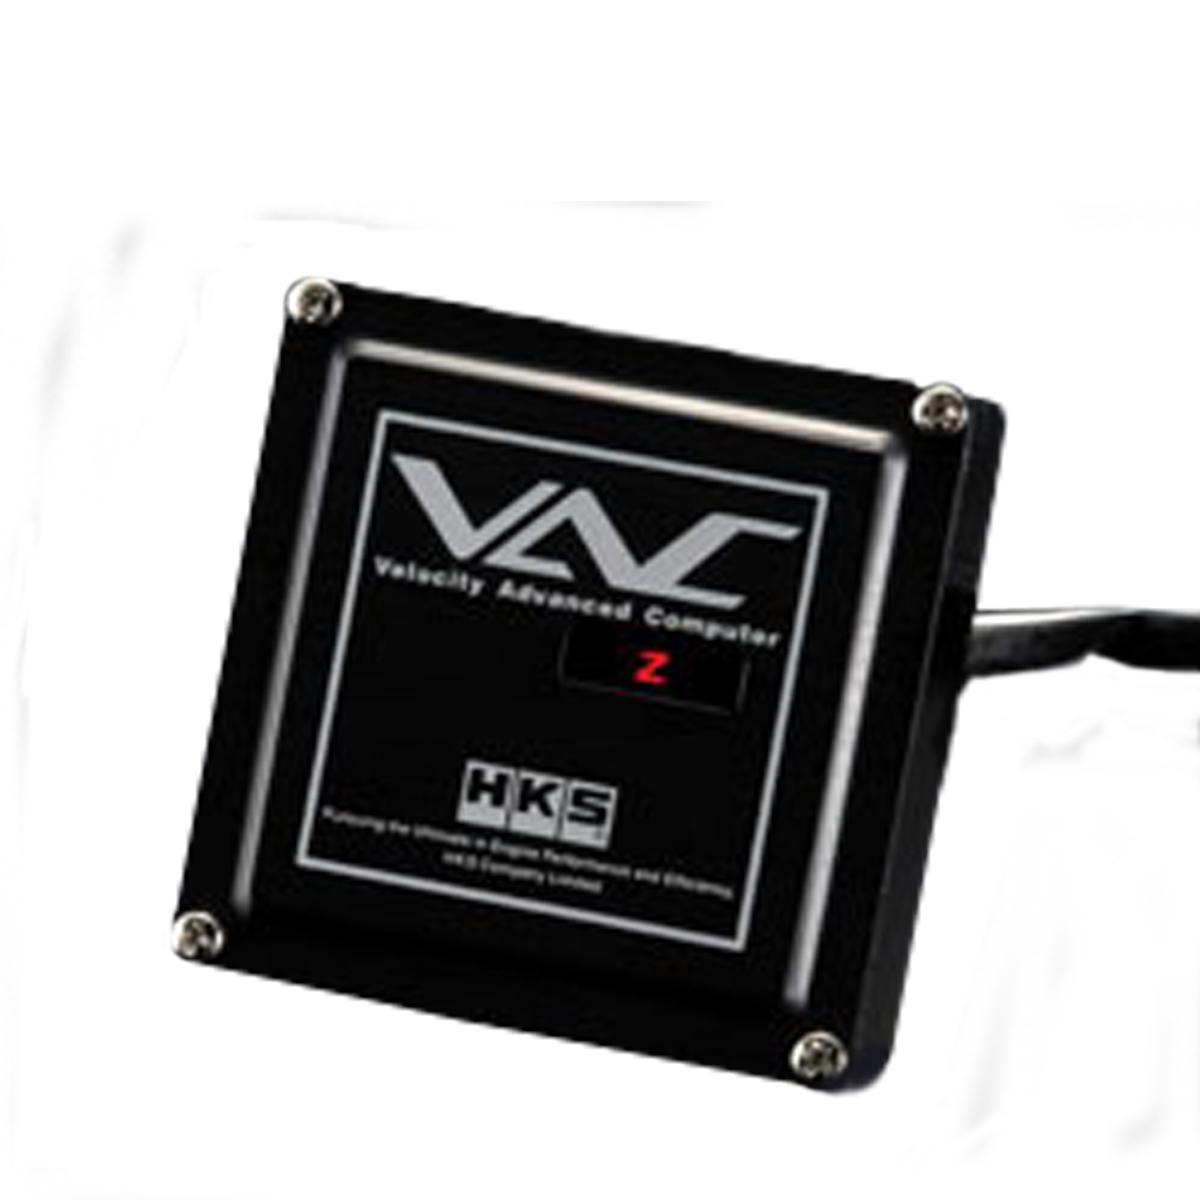 フェアレディZ スピードリミッターカット VAC ヴェロシティー アドバンスド コンピューター Z34 HKS 45002-AN007 エレクトリニクス 個人宅発送追金有